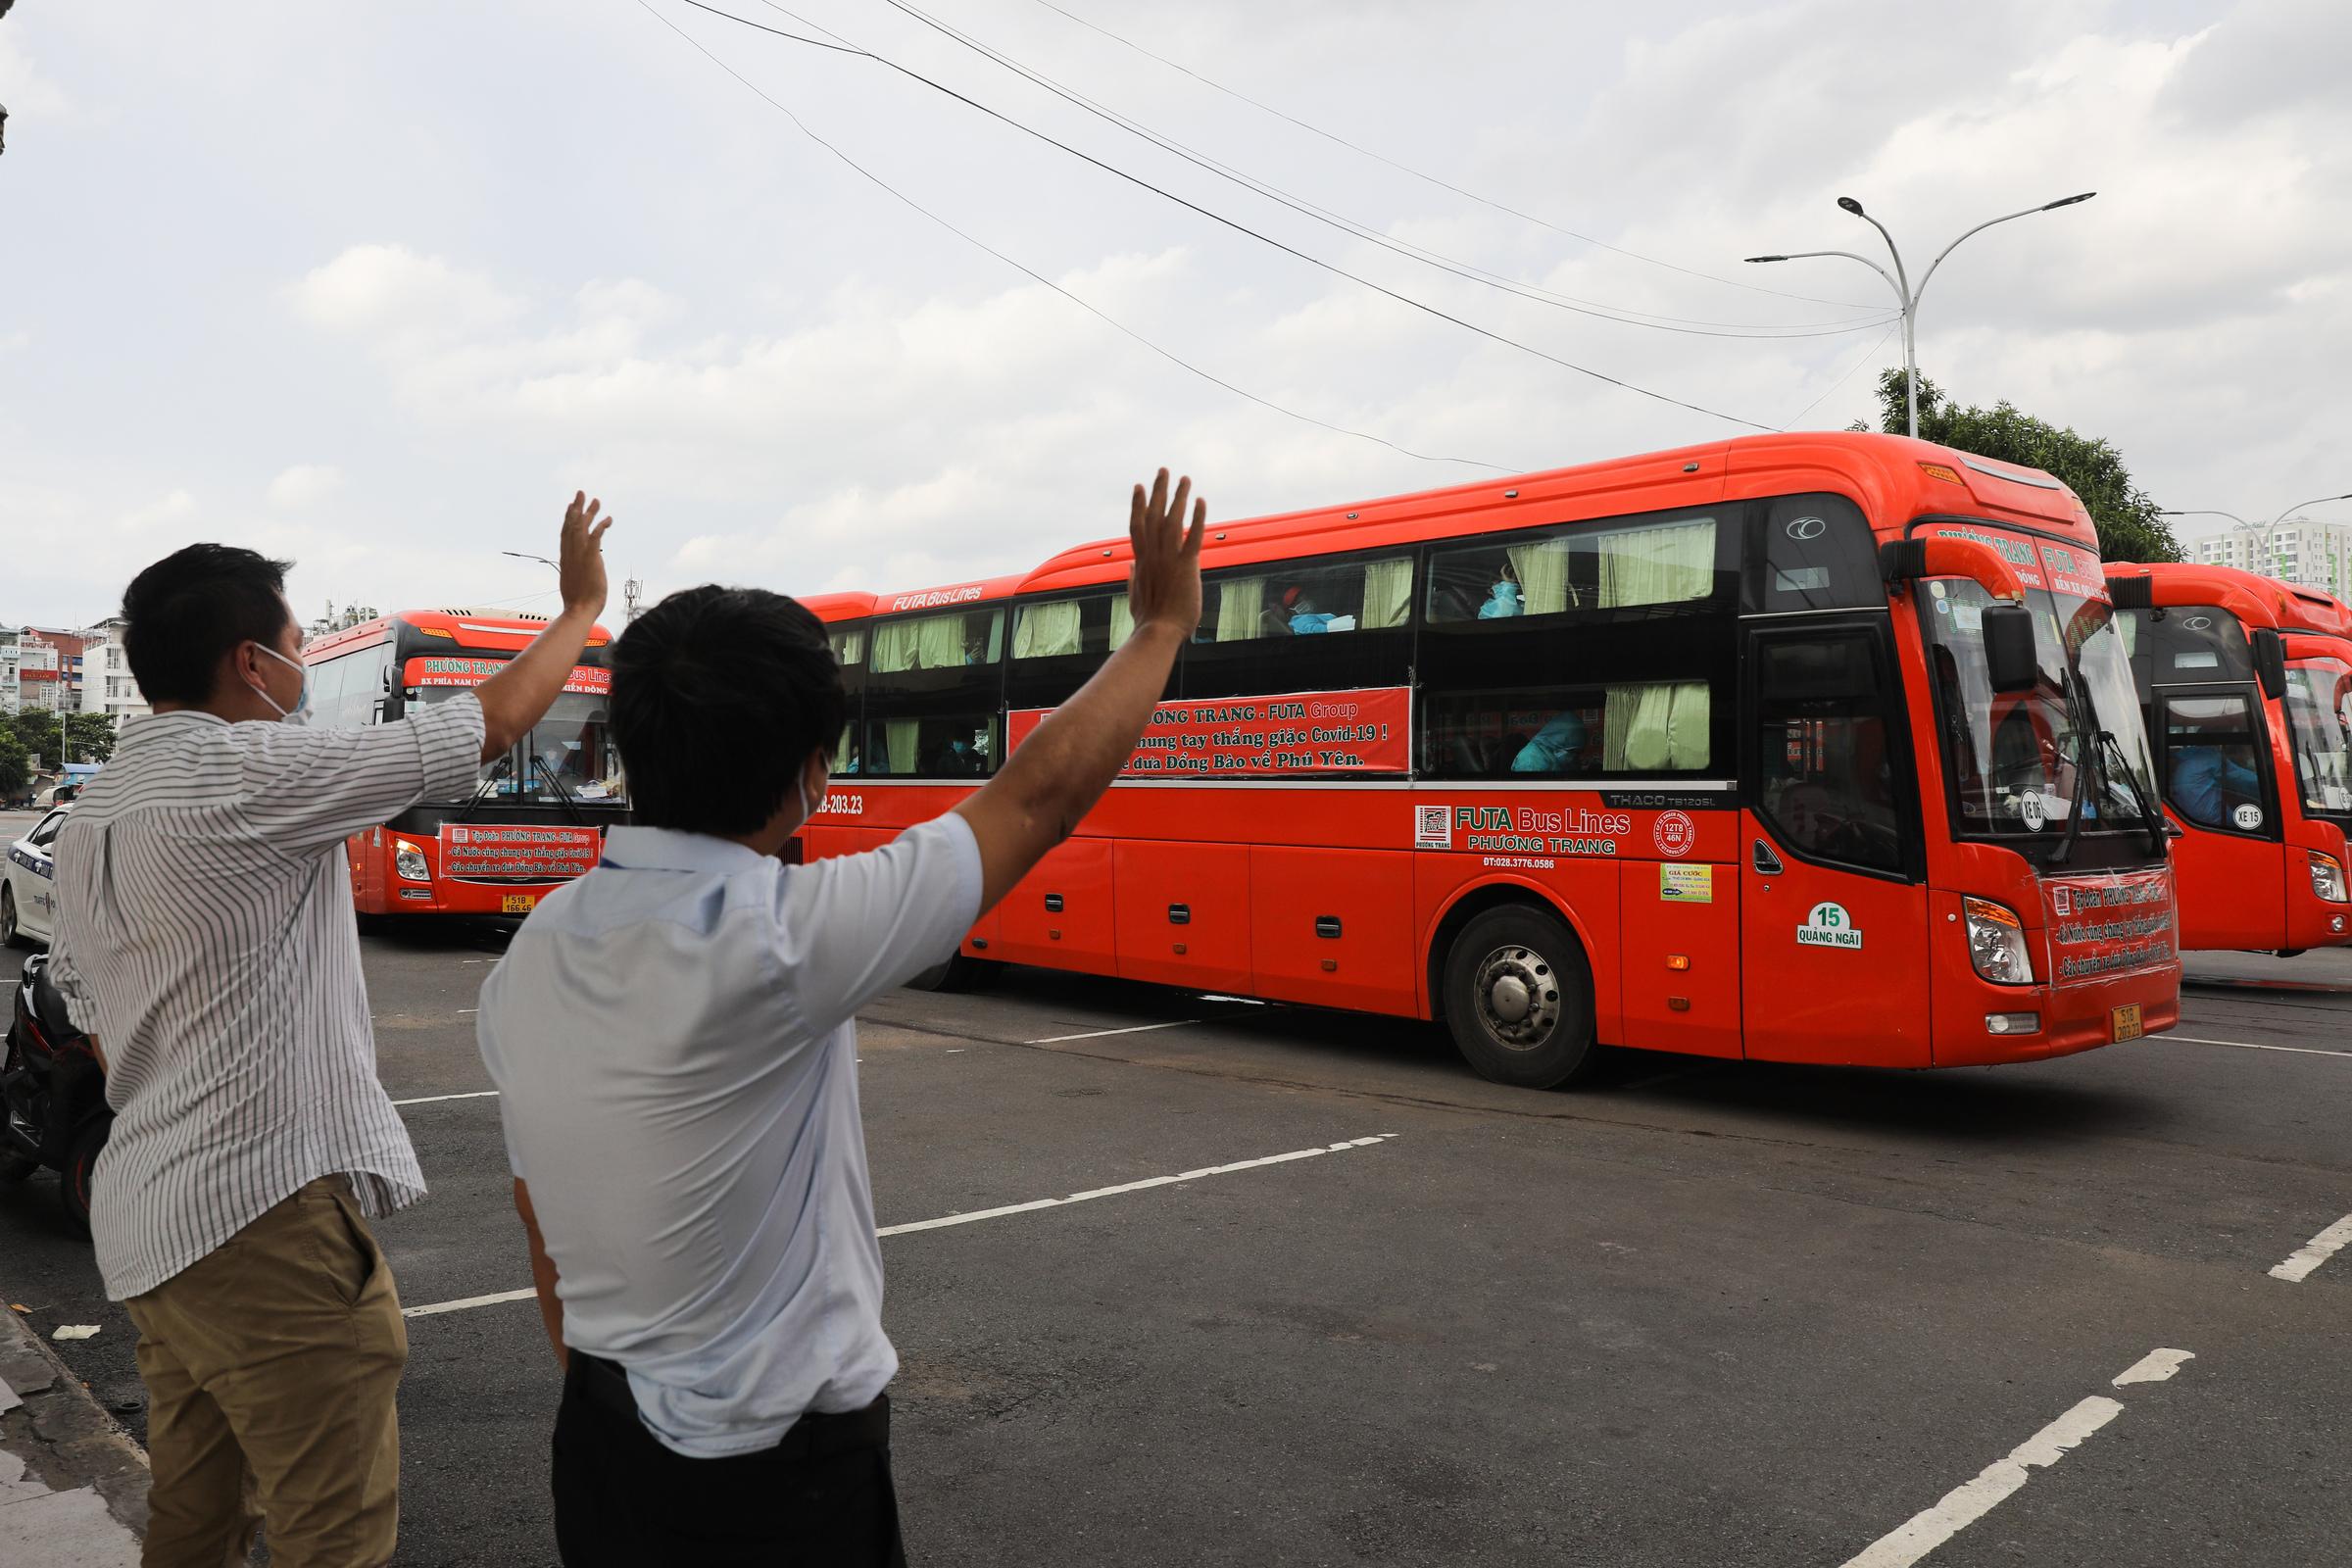 Chuyến xe rời Bến xe Miền Đông đưa 600 người dân về Phú Yên, ngày 3/8. Ảnh: Quỳnh Trần